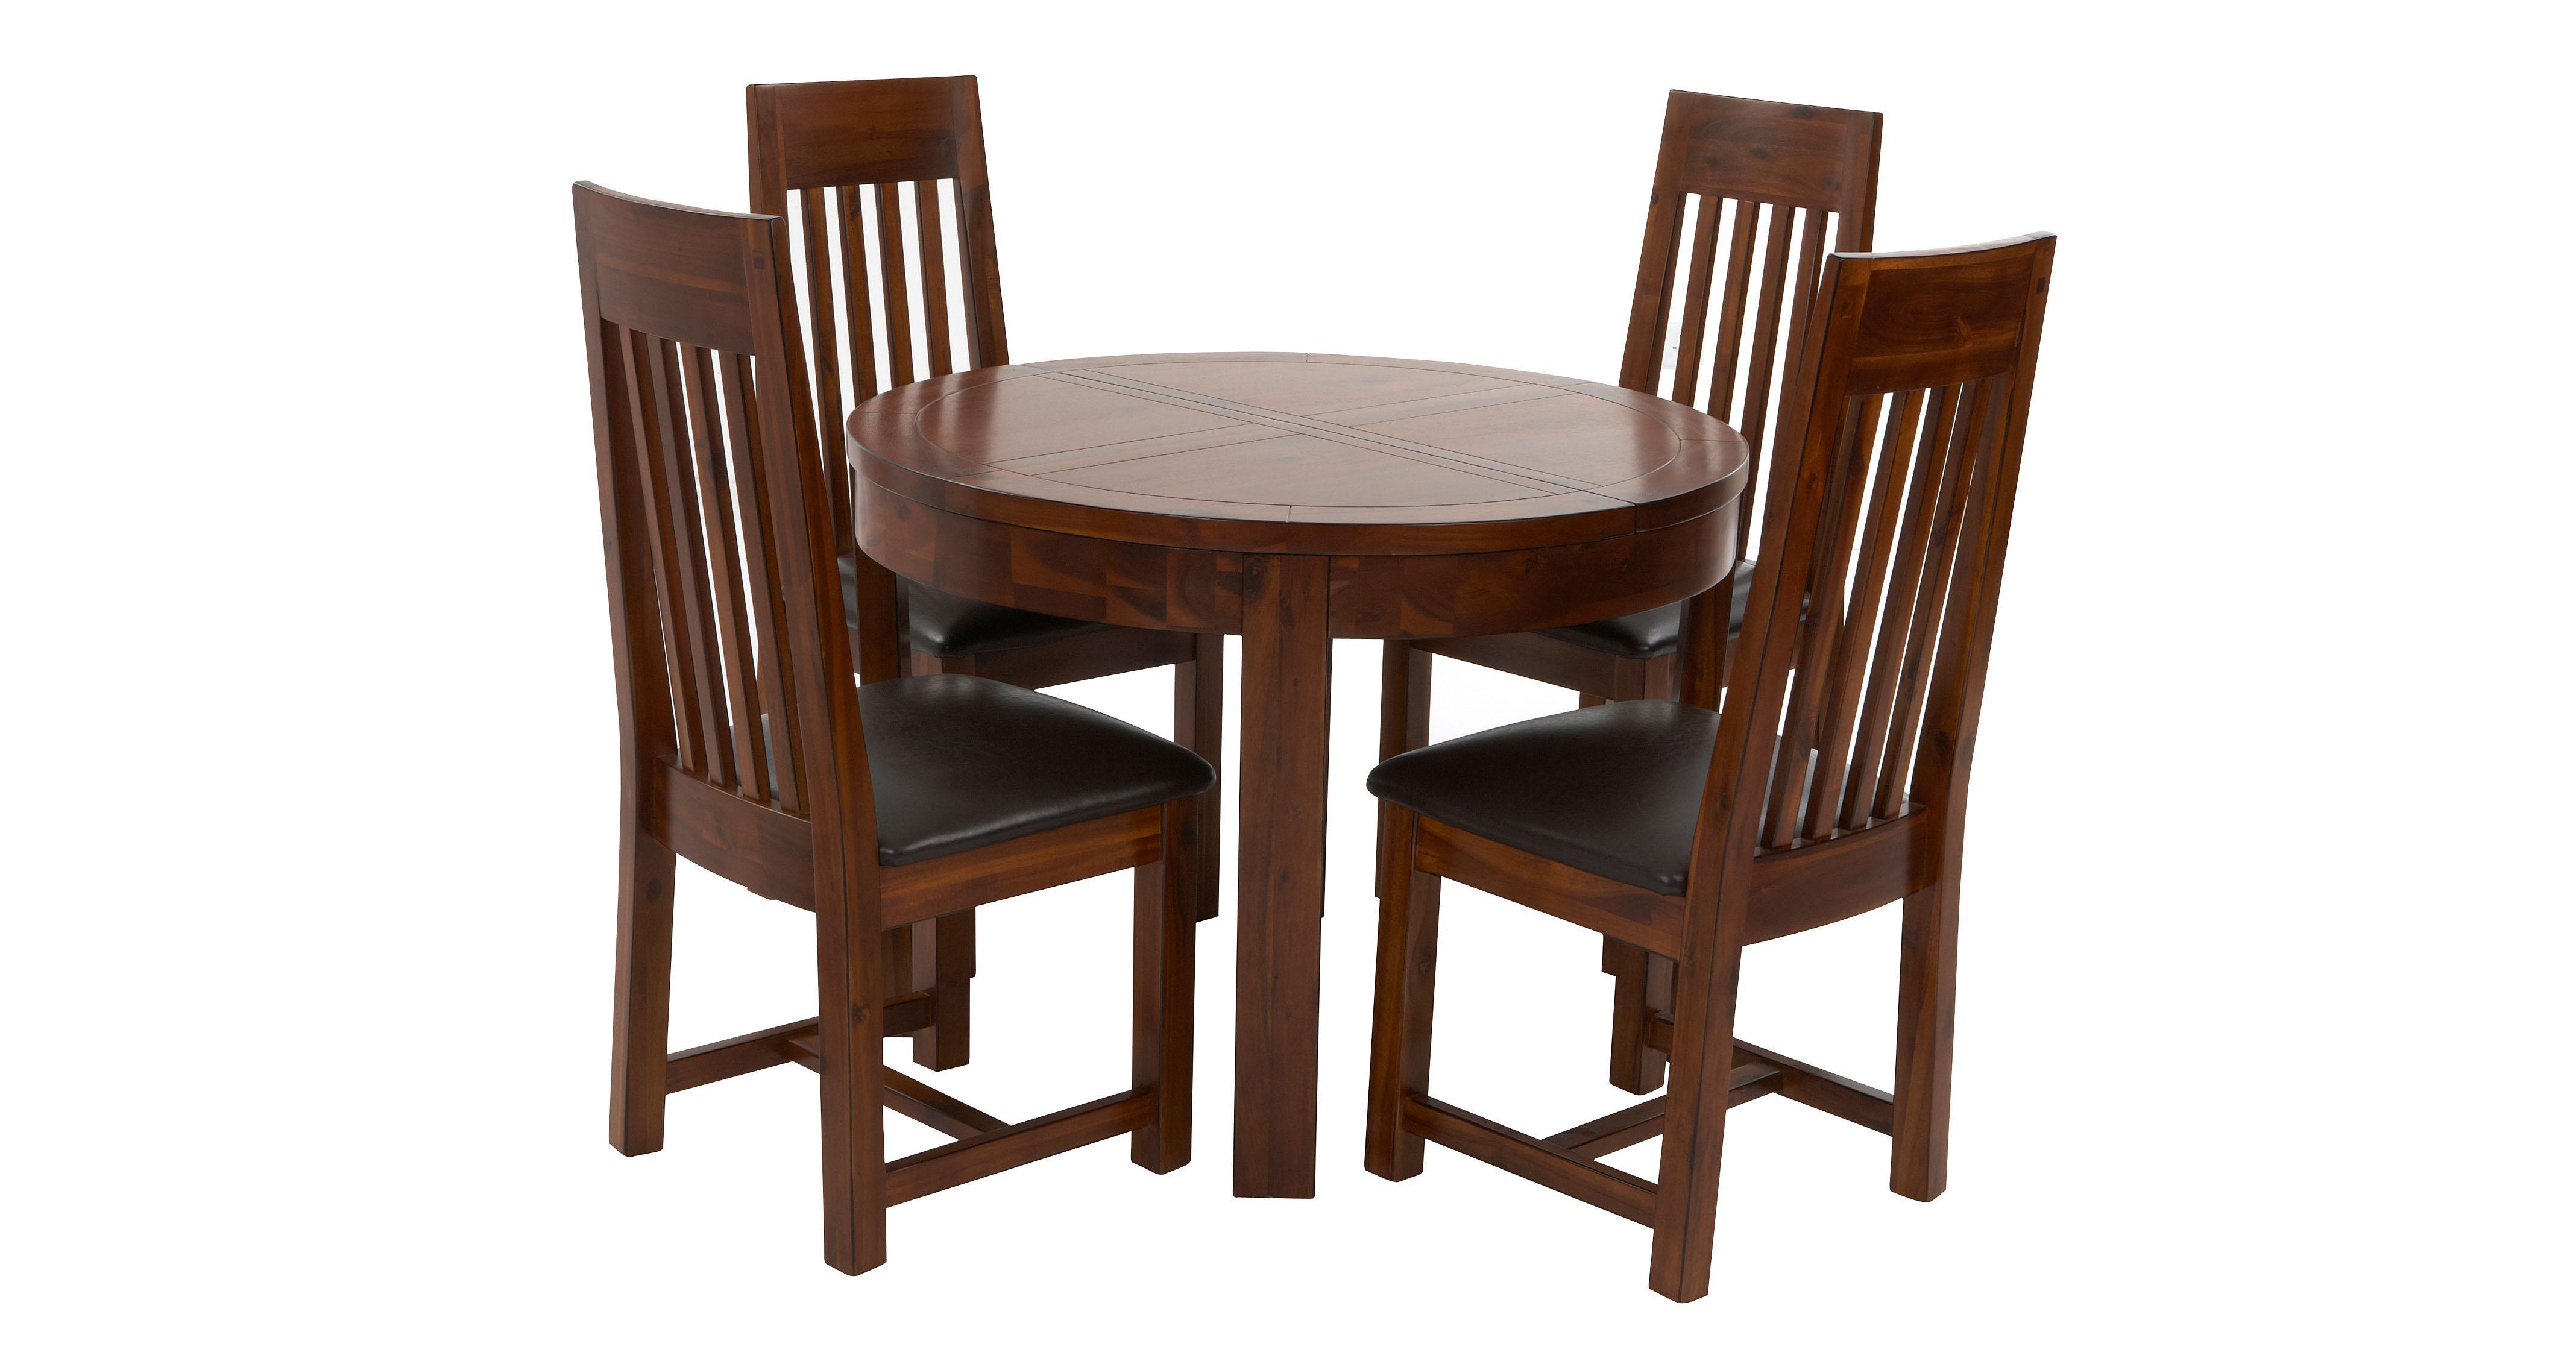 Teak tafel uitschuifbaar teak meubelen van